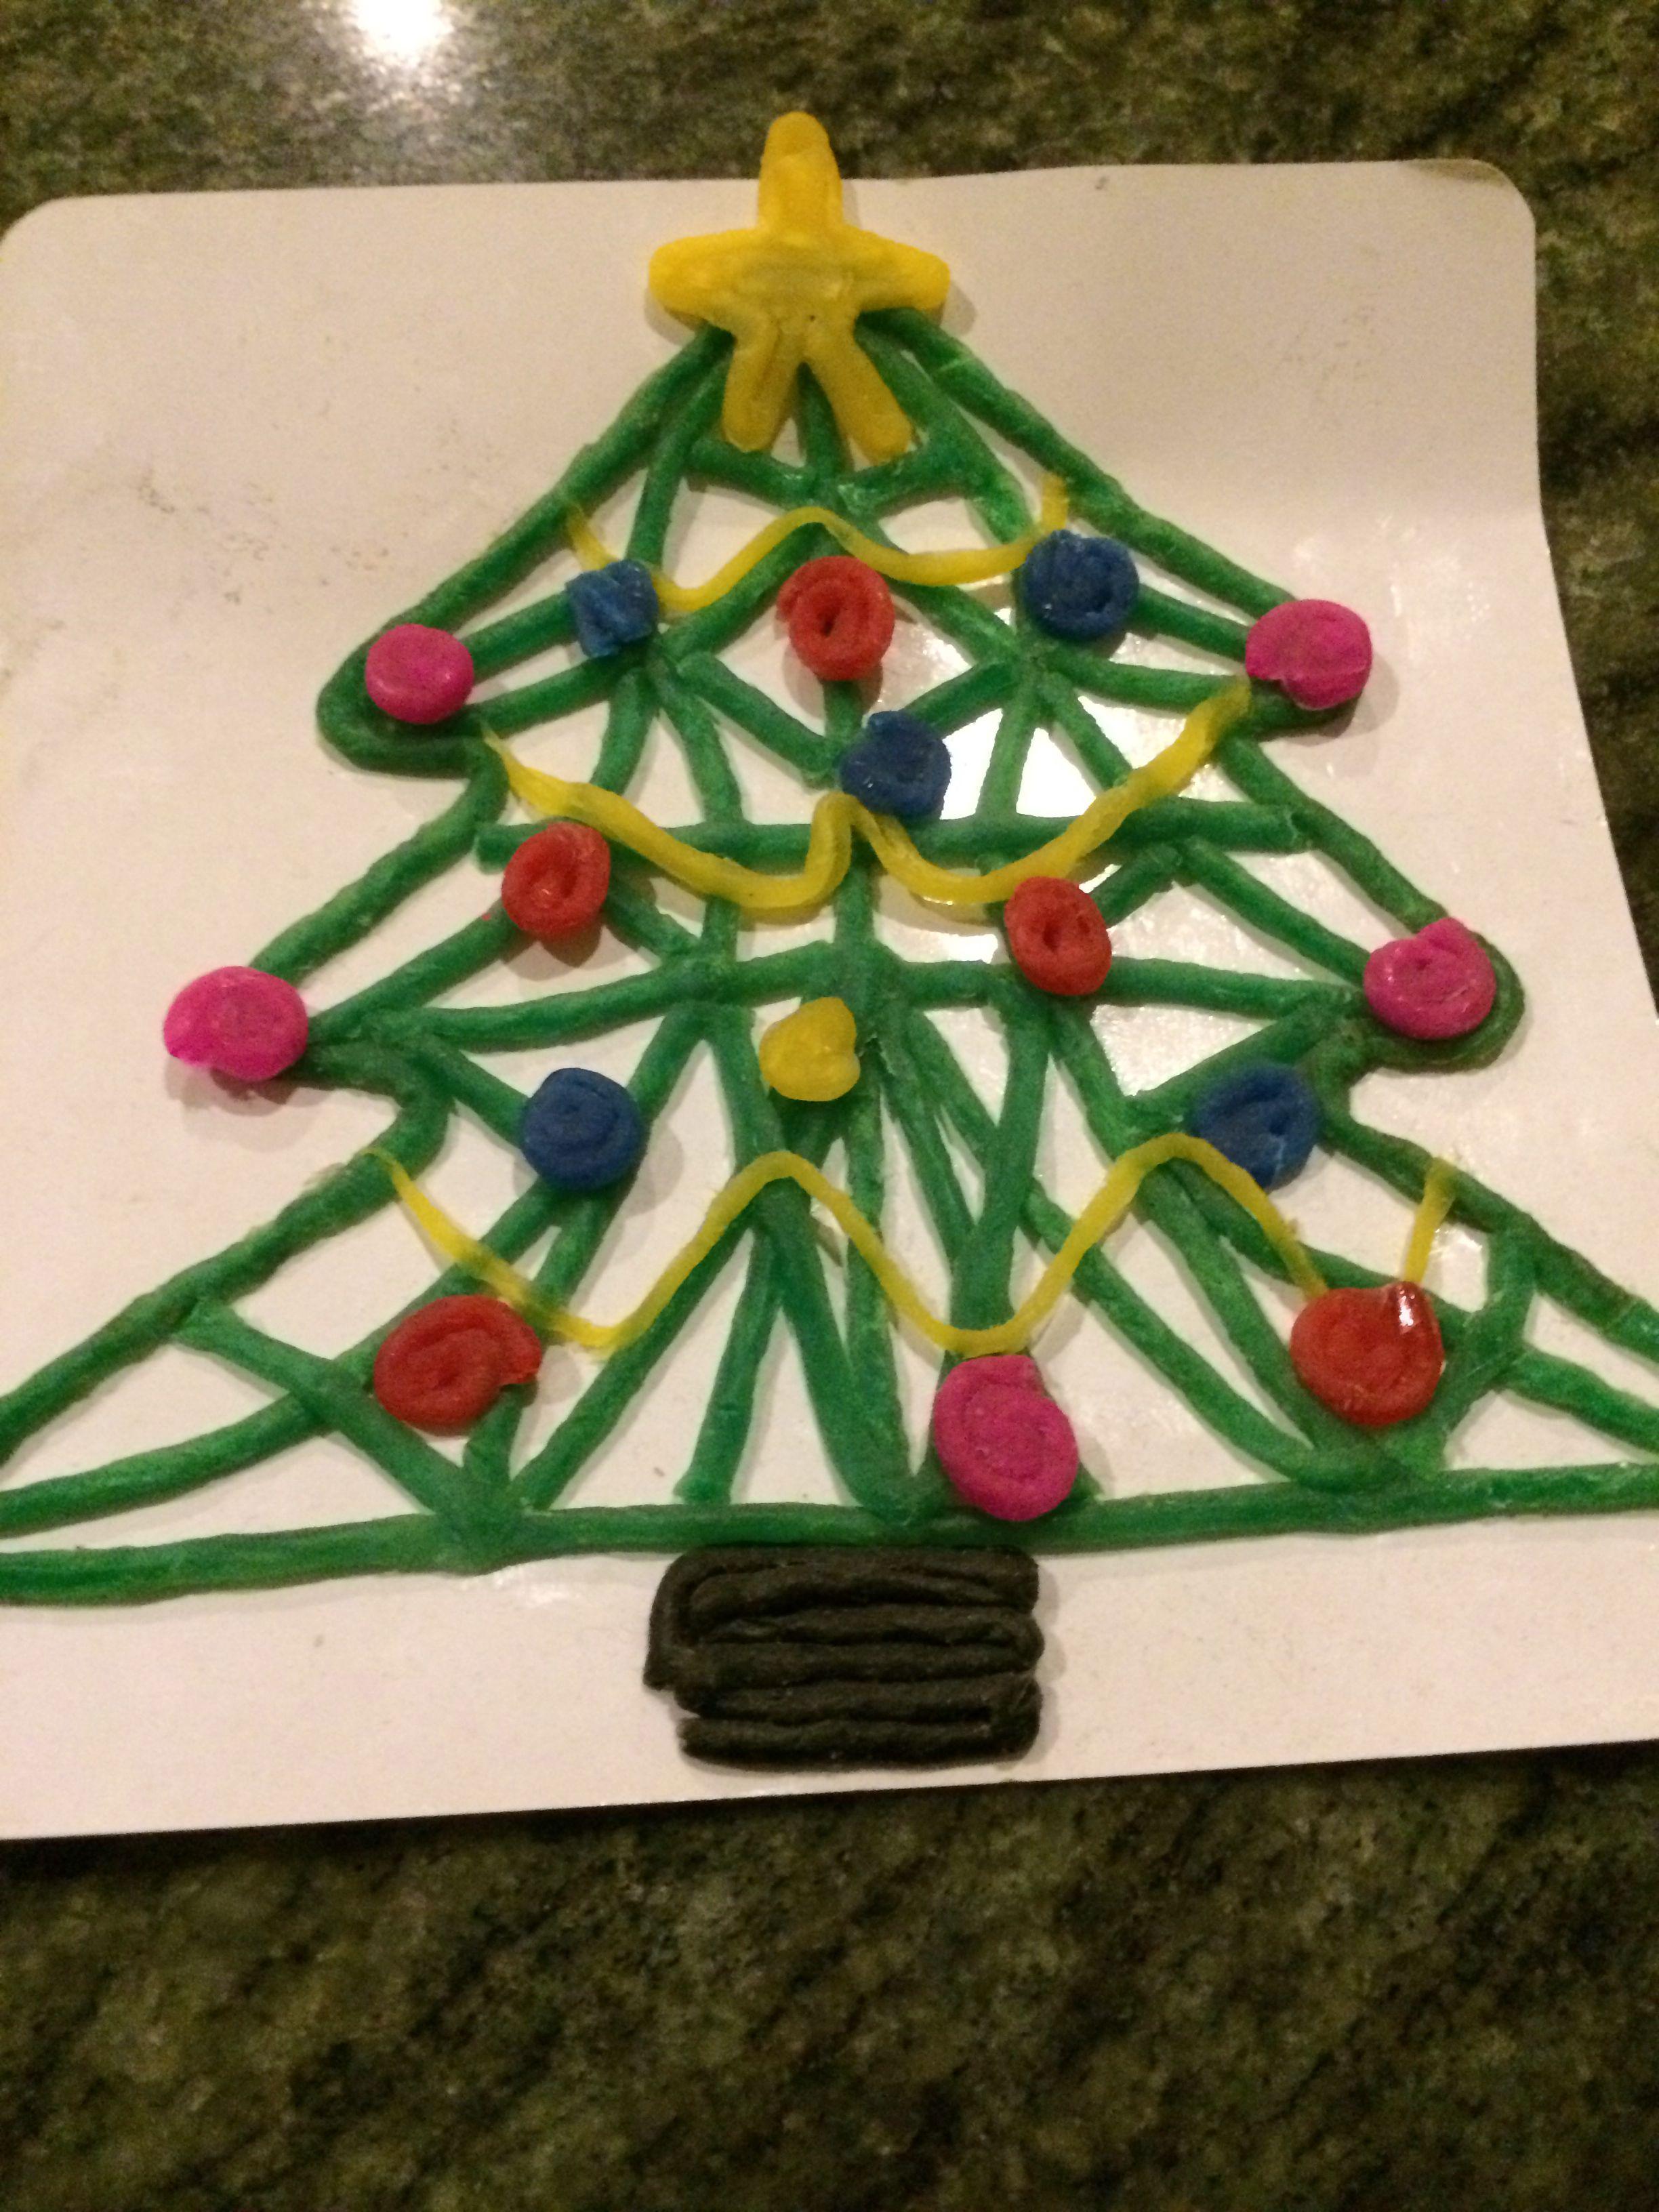 Bendaroo Christmas Tree Christmas Crafts Crafts For Kids Christmas Time